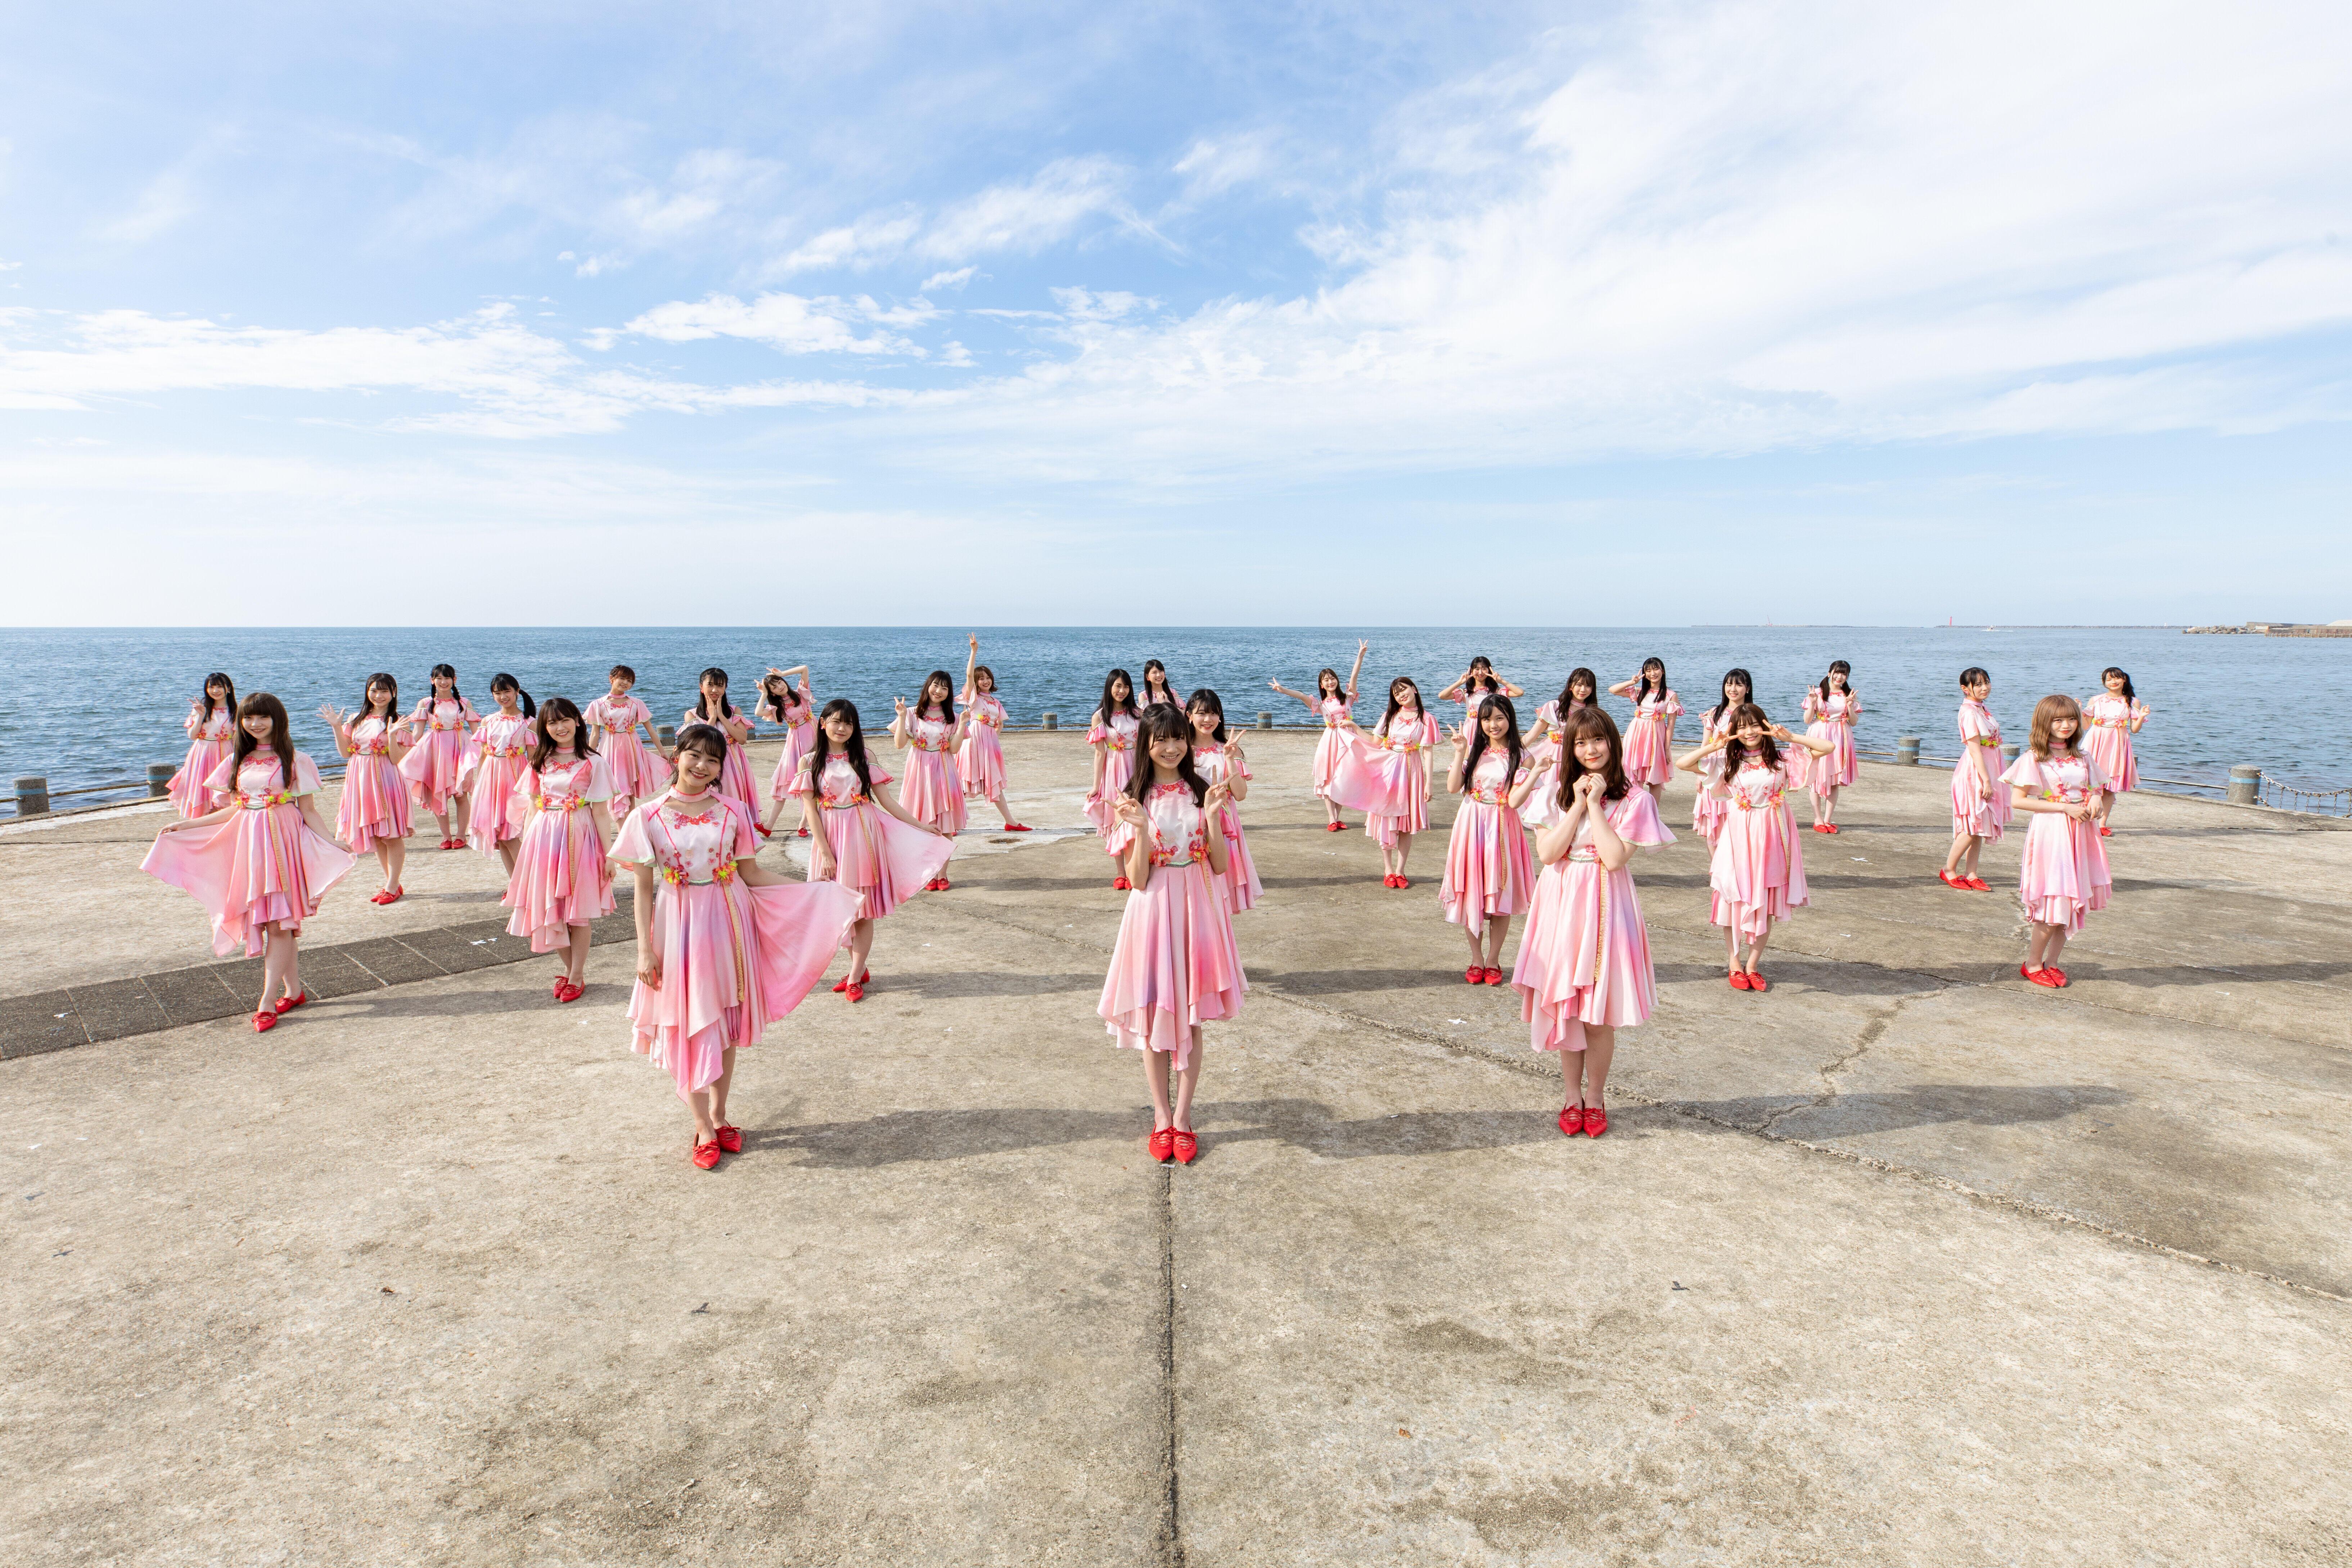 新曲「シャーベットピンク」のミュージックビデオは「新潟西海岸突堤」で撮影された。メンバーの間隔を2メートル開けて撮影に臨んだ(c)Flora